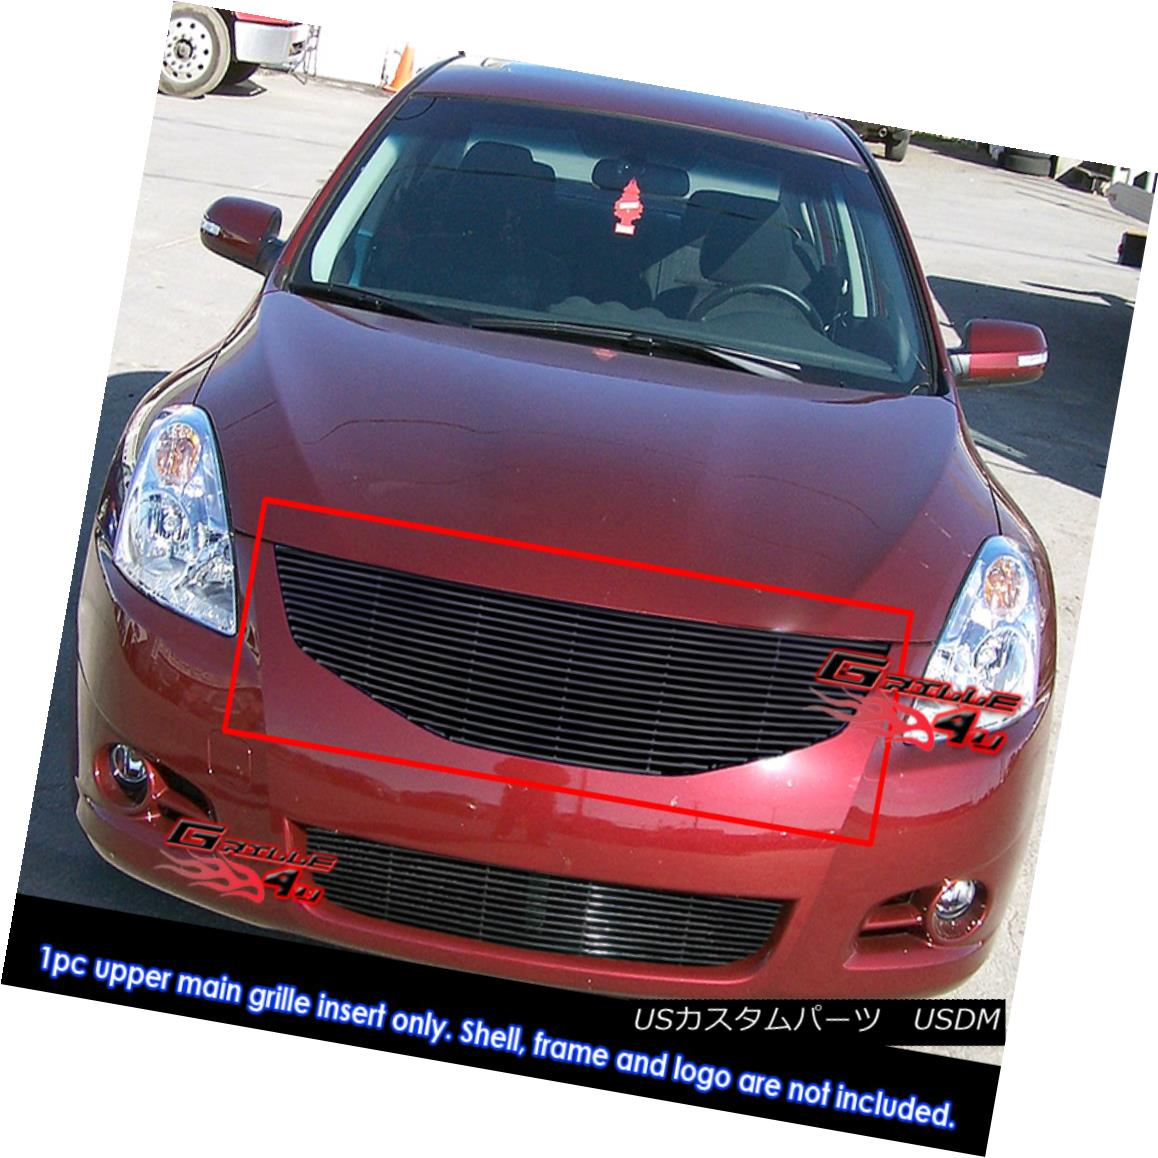 グリル Fits 2011-2012 Nissan Altima Sedan Black Billet Grille Grill Insert 2011-2012 Nissan Altima Sedan Black Billetグリルグリルインサート